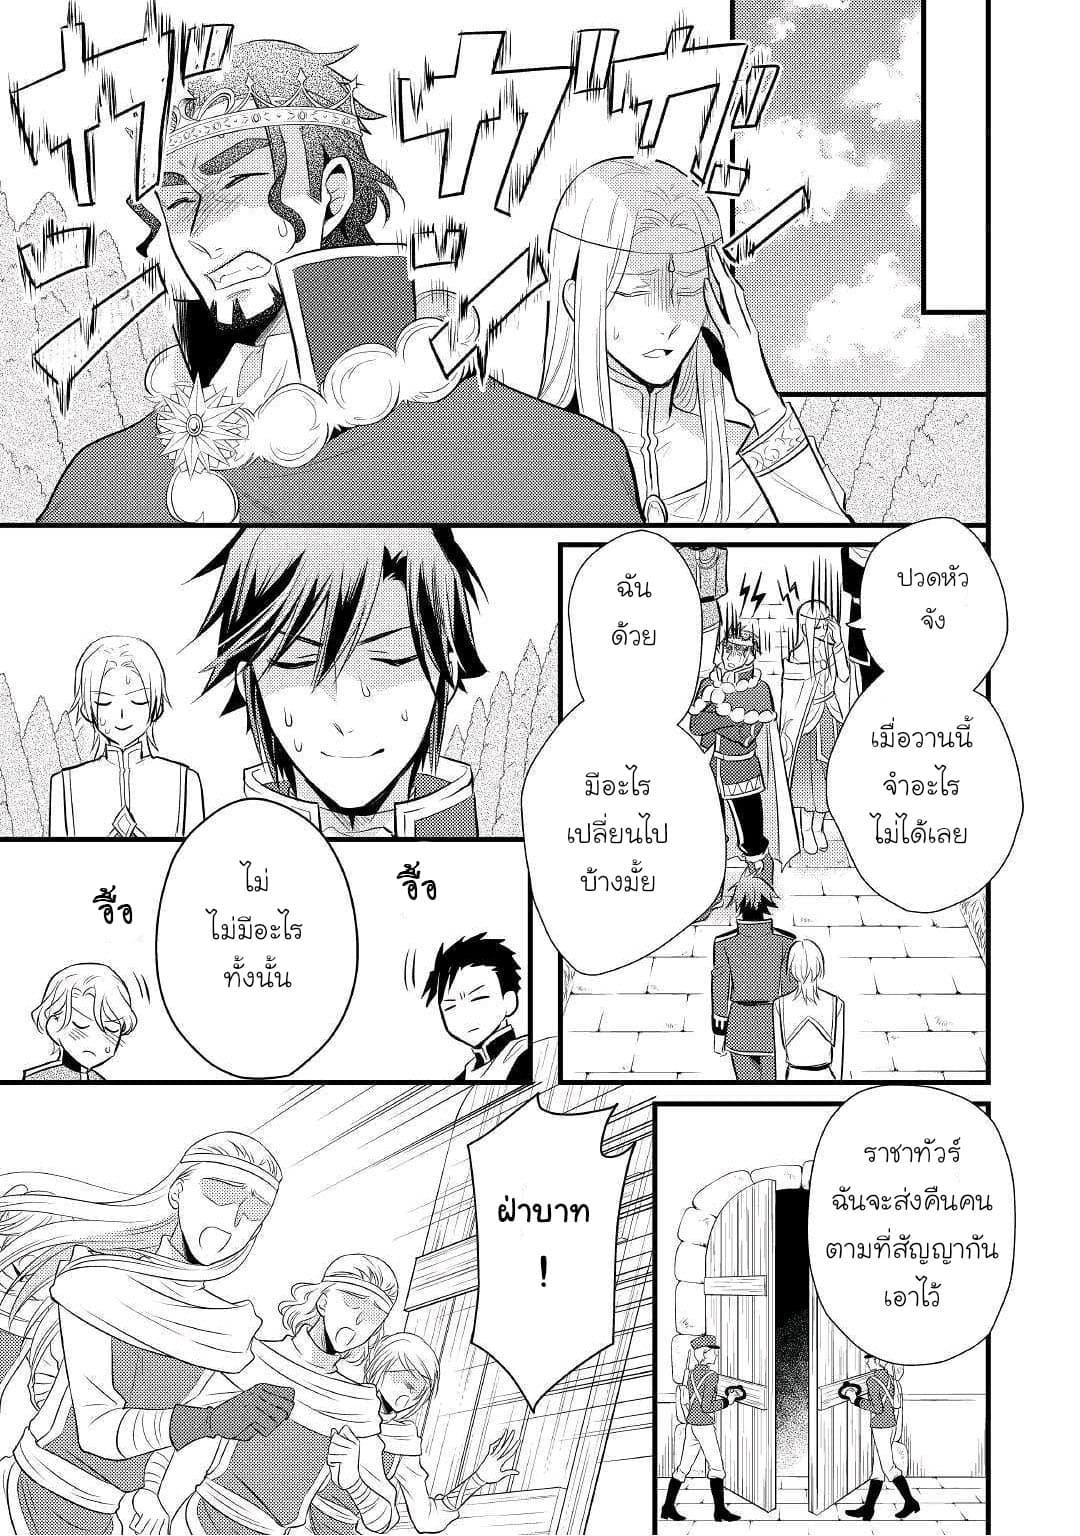 อ่านการ์ตูน Daites Ryou Koubouki ตอนที่ 17 หน้าที่ 29